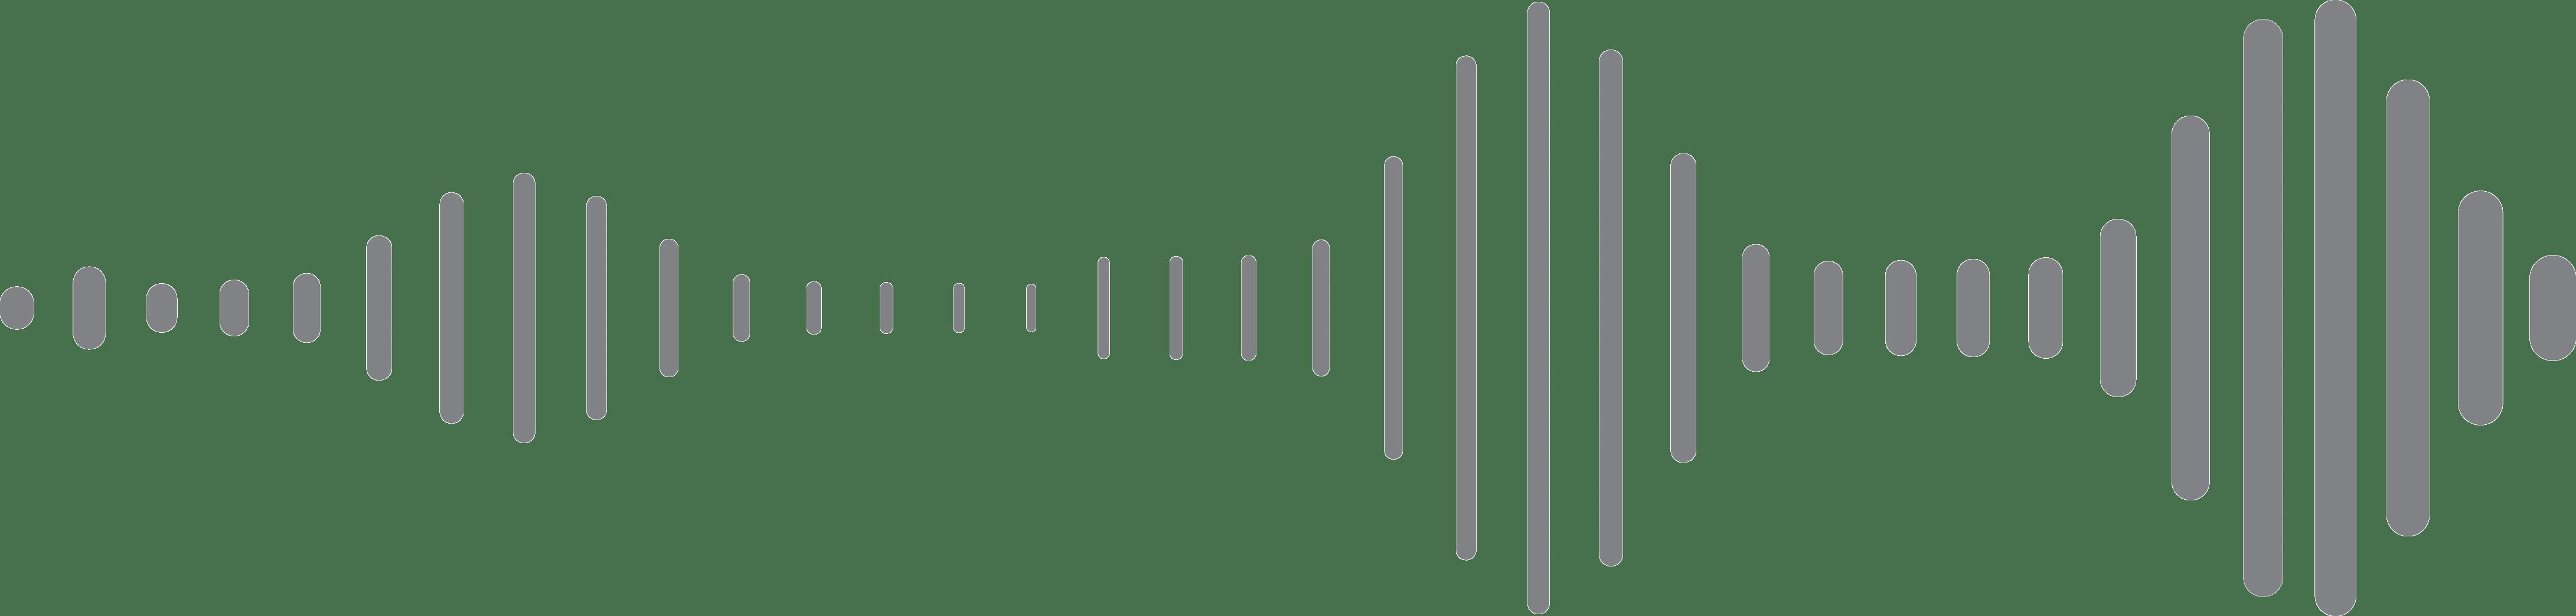 pulserende beweging van een laag frequente geluidsgolf